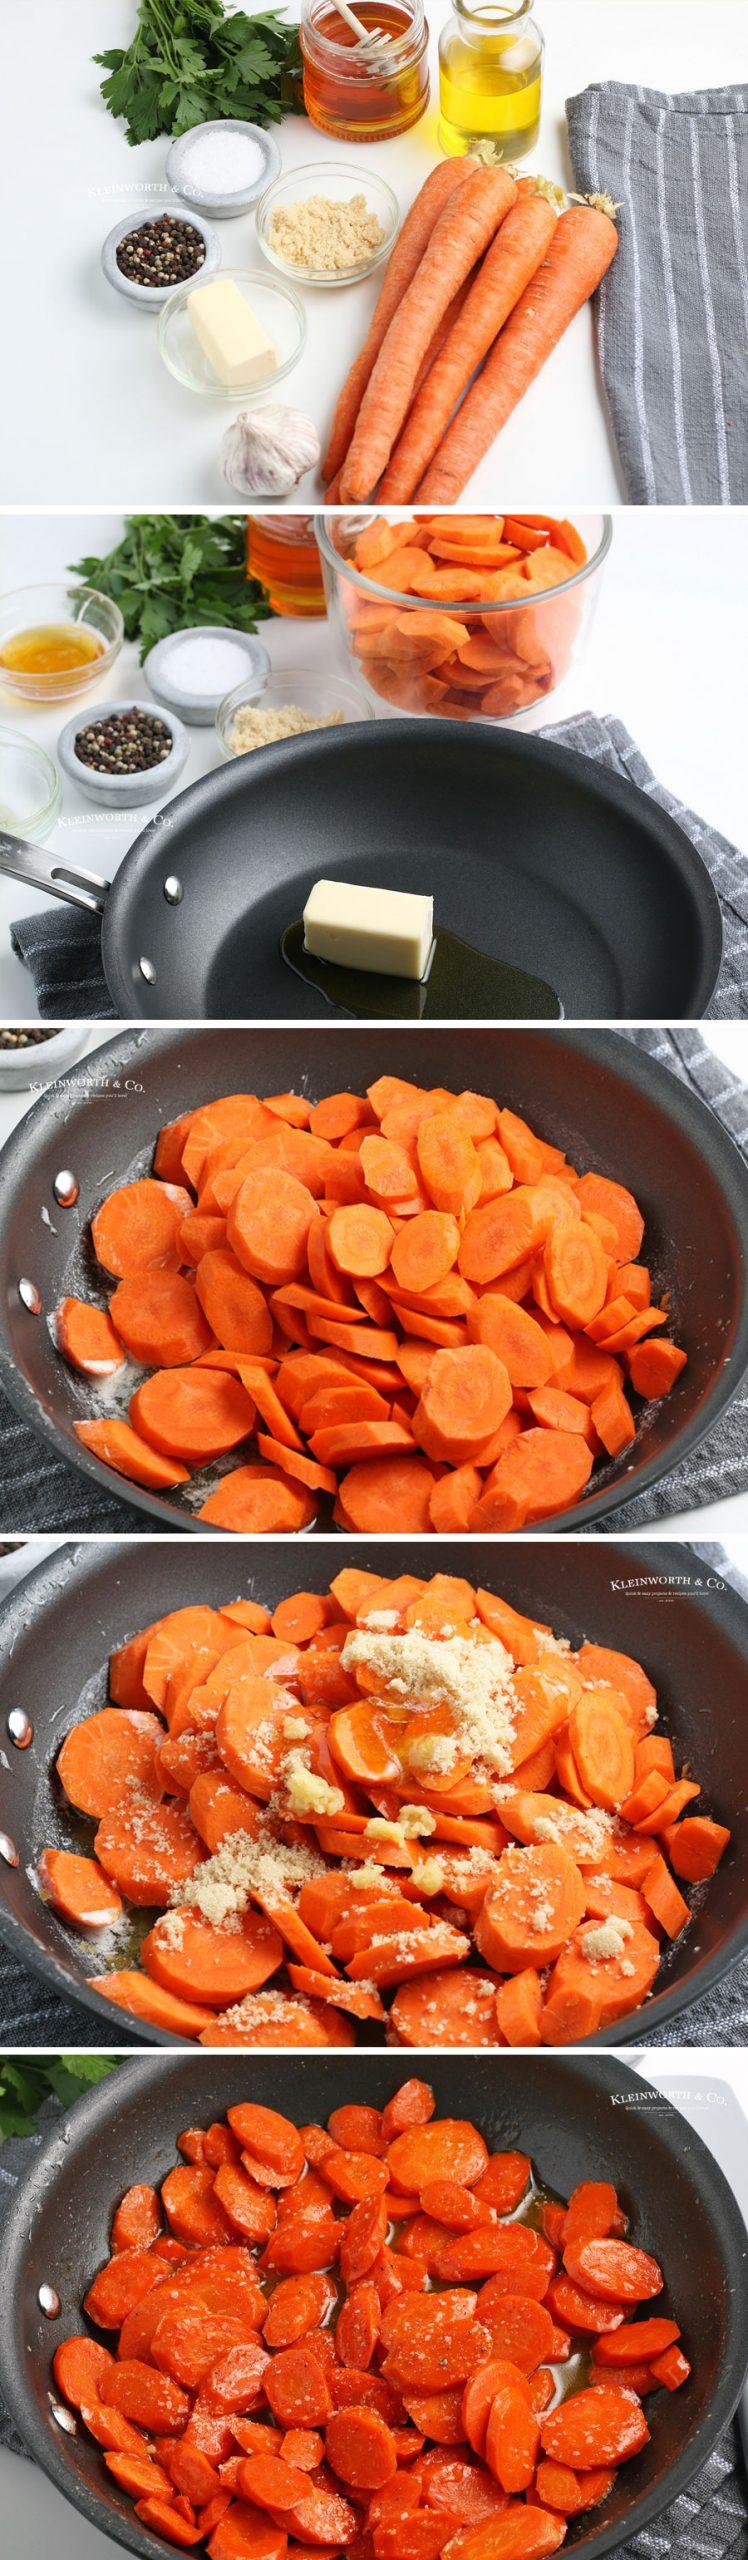 how to make Honey Glazed Carrots